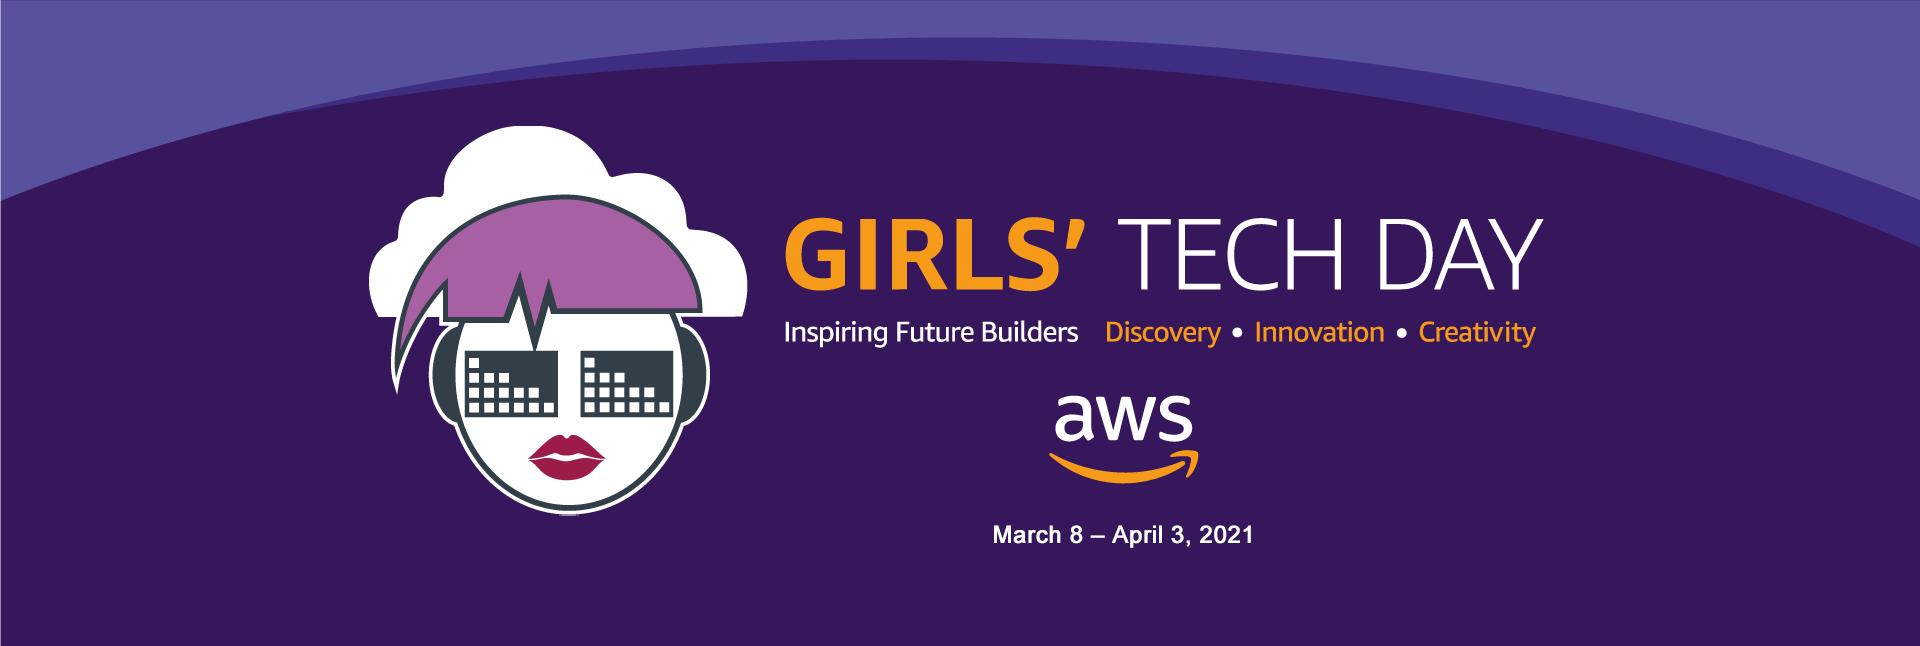 AWS Girls' Tech Day